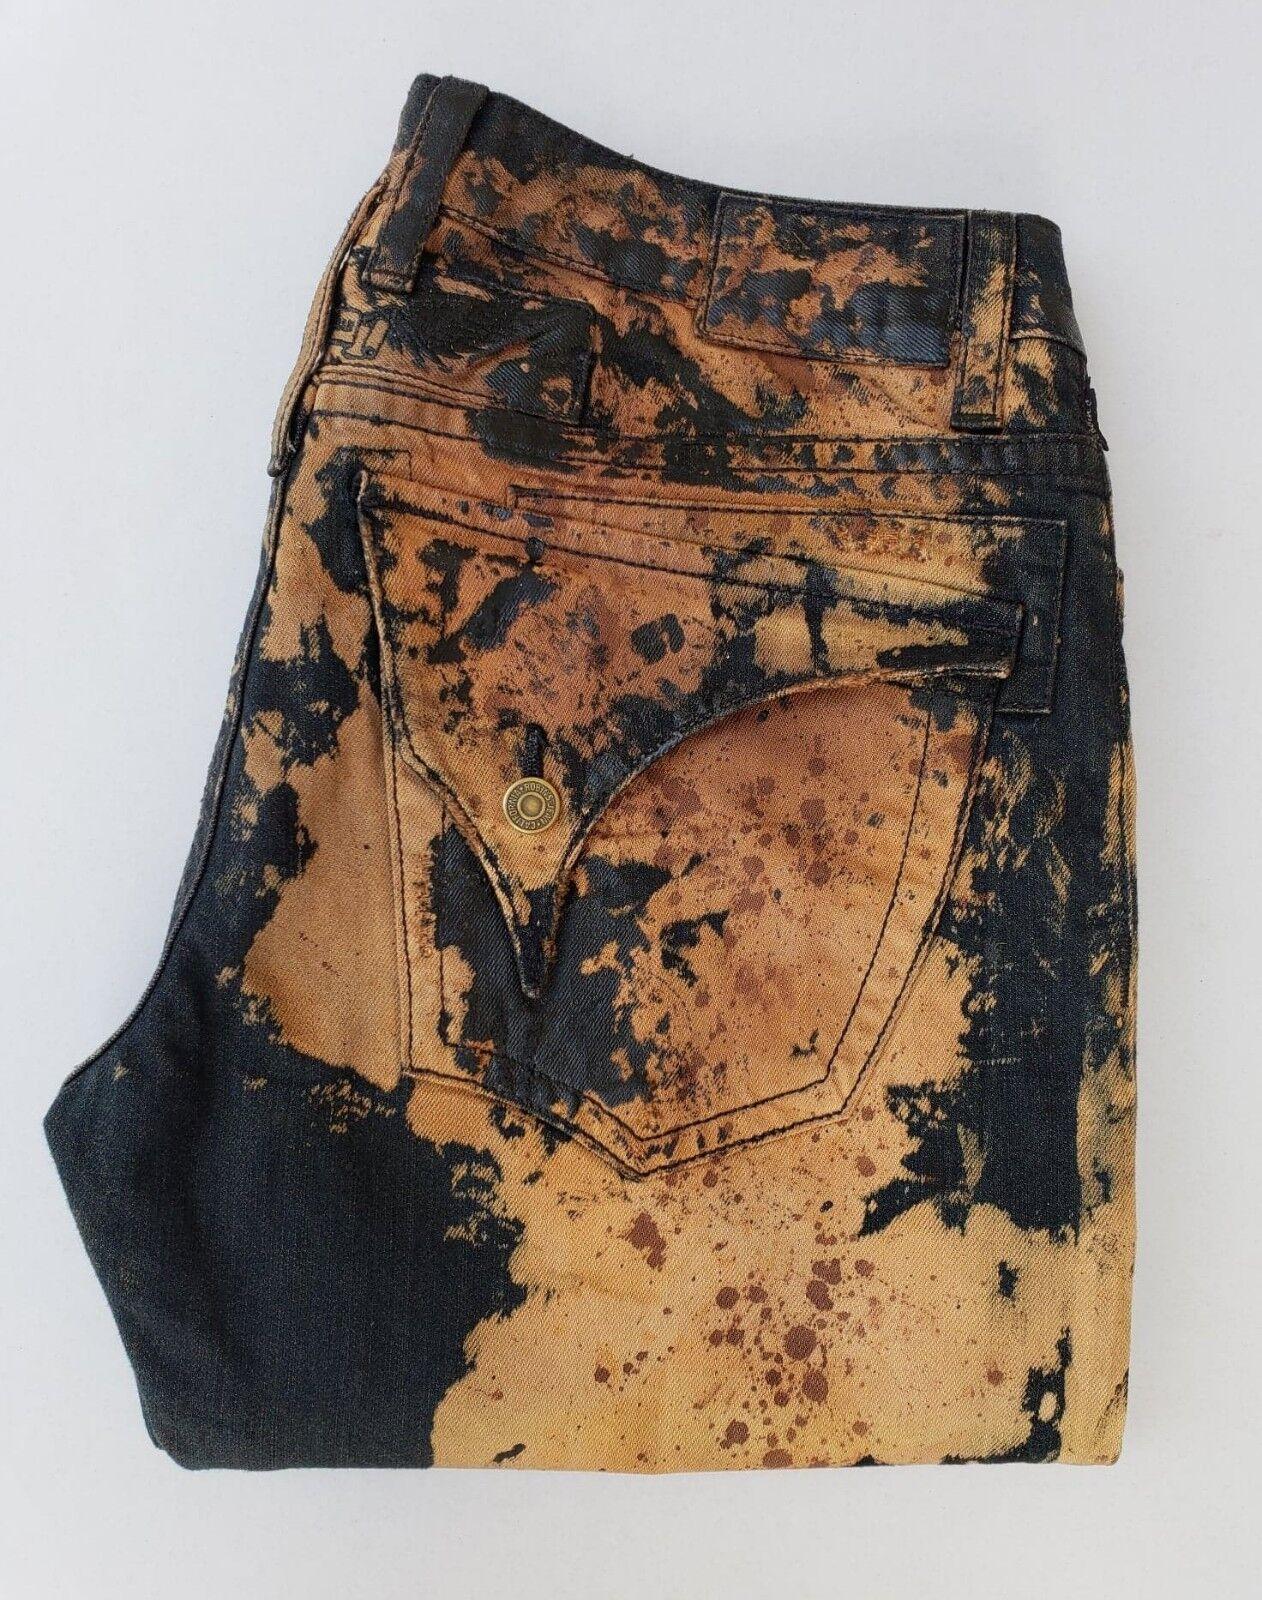 Nuovo da Uomo di ROBIN Jeans Jeans Jeans TG 42 Dritto Rivestiti Cerato Jeans -mech Lavaggio 092a61